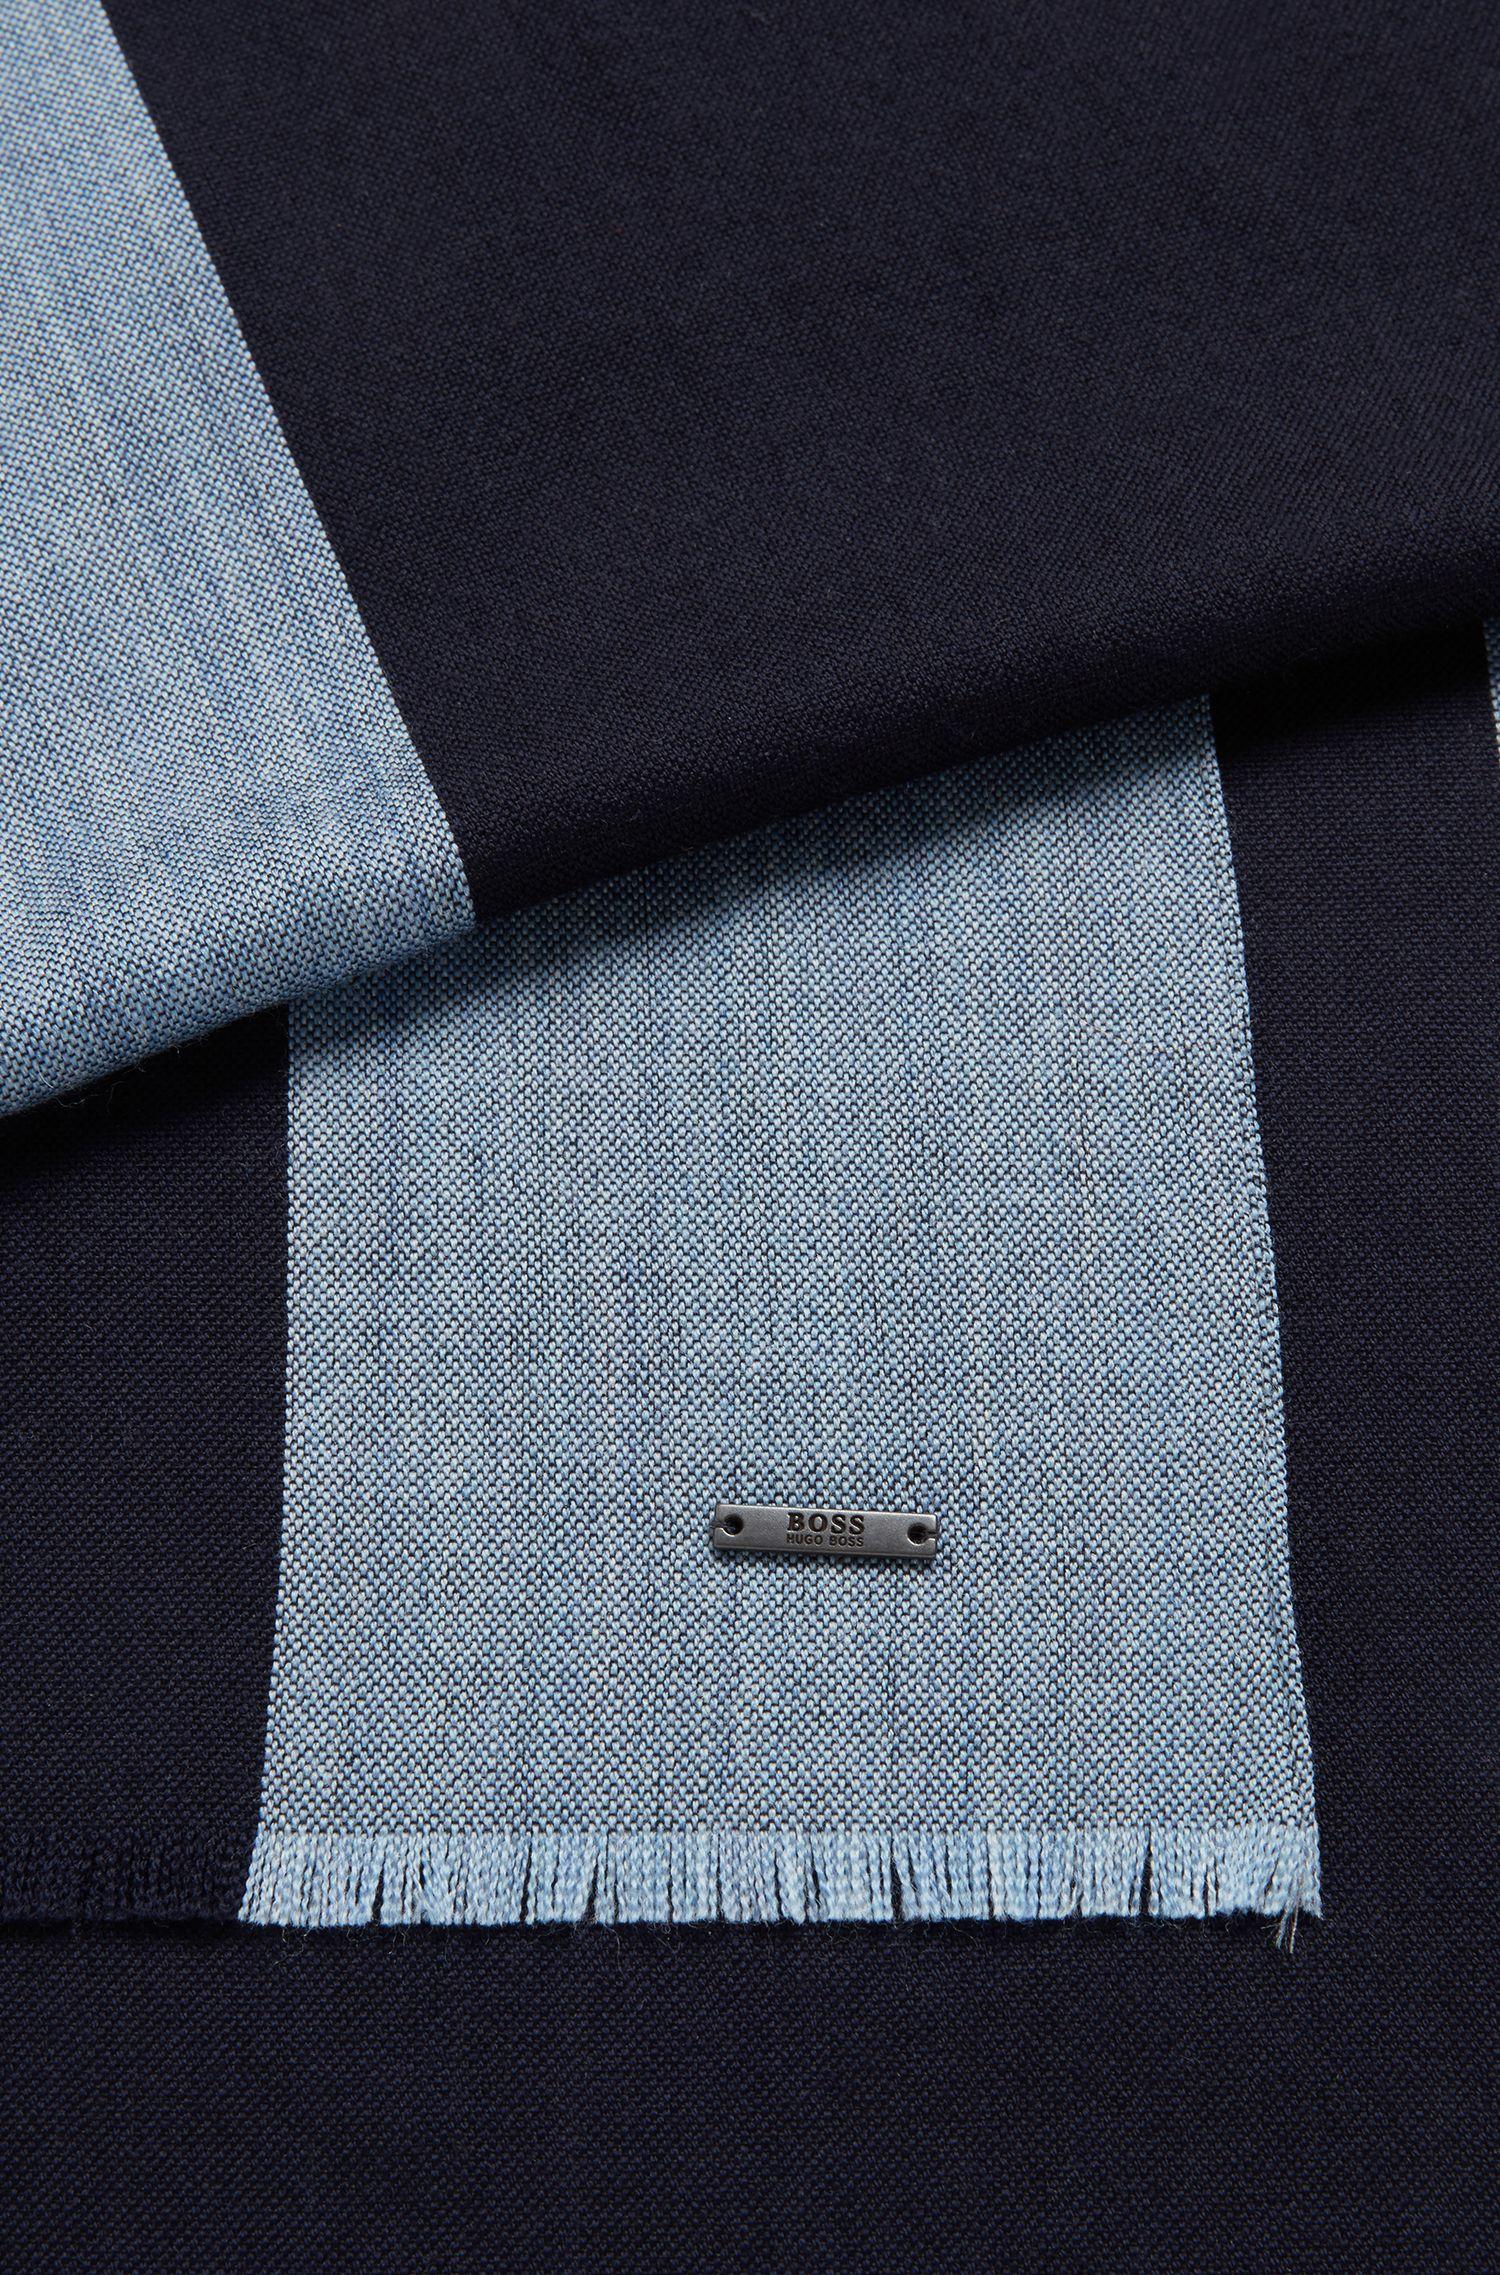 Schal aus leichtem Schurwoll-Mix mit mit Streifen-Dessin, Dunkelblau